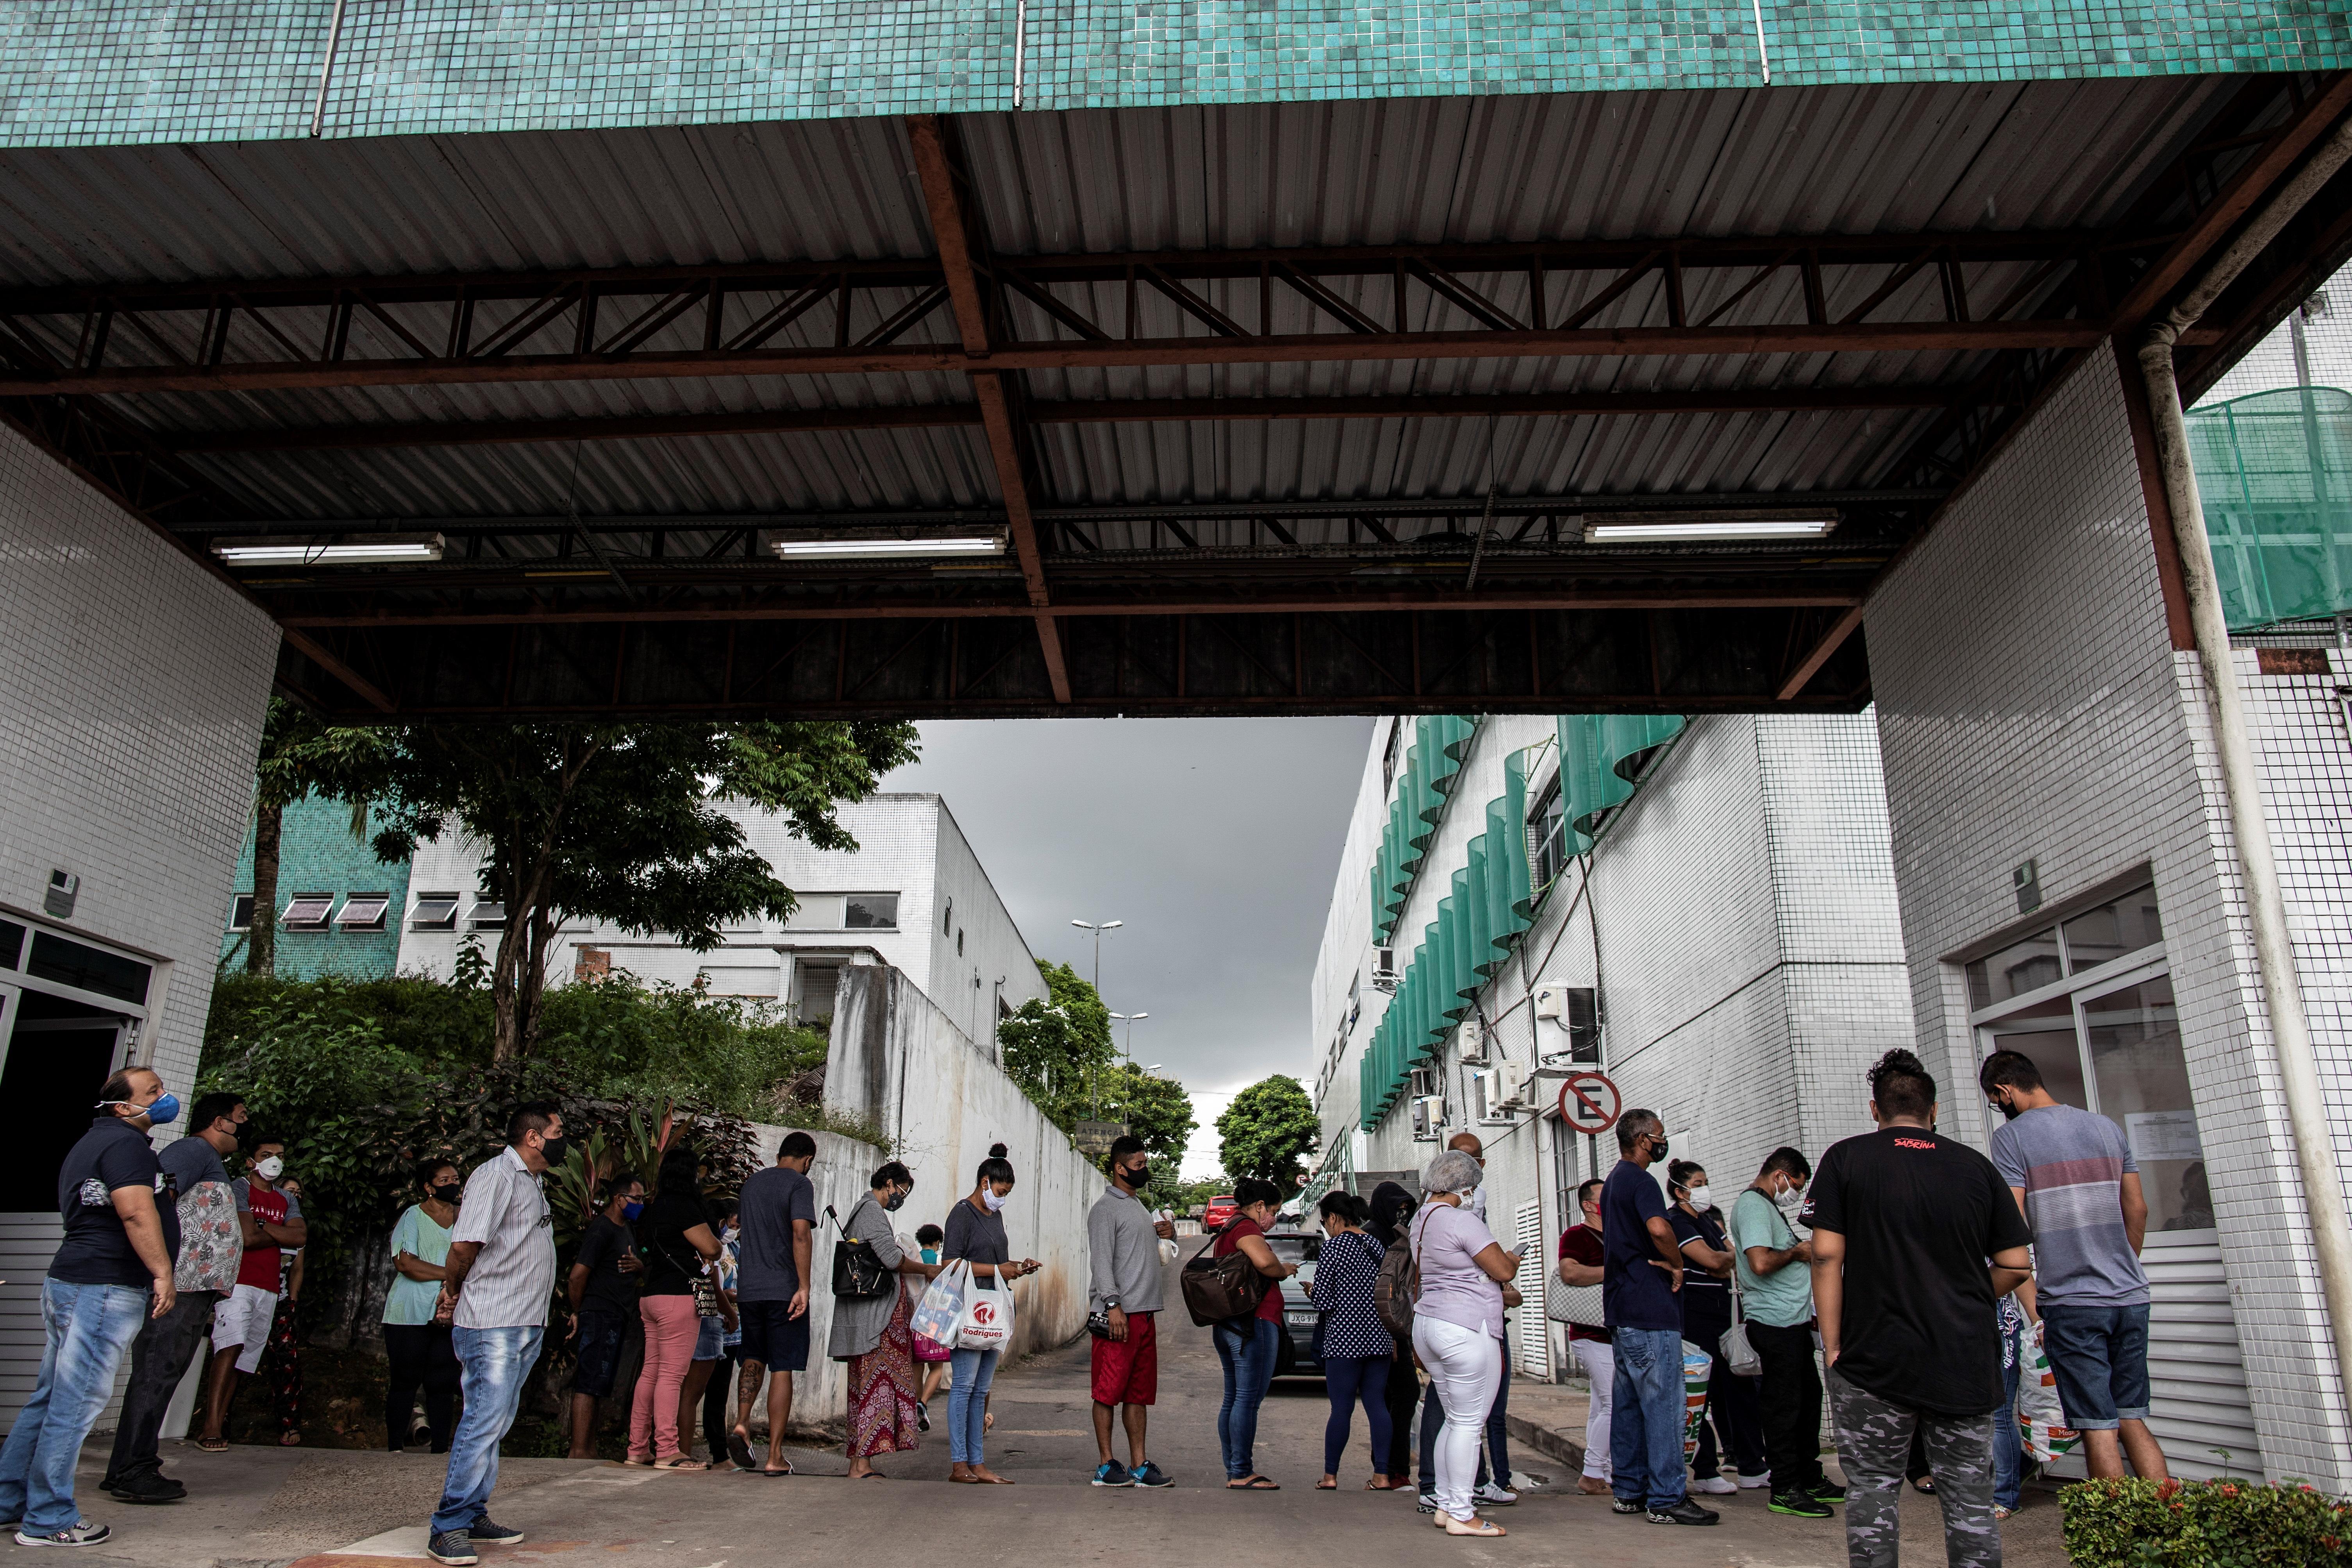 نزدیکان بیمارانی که برای Covid-19 بستری شده اند در Manaus منتظر هستند.